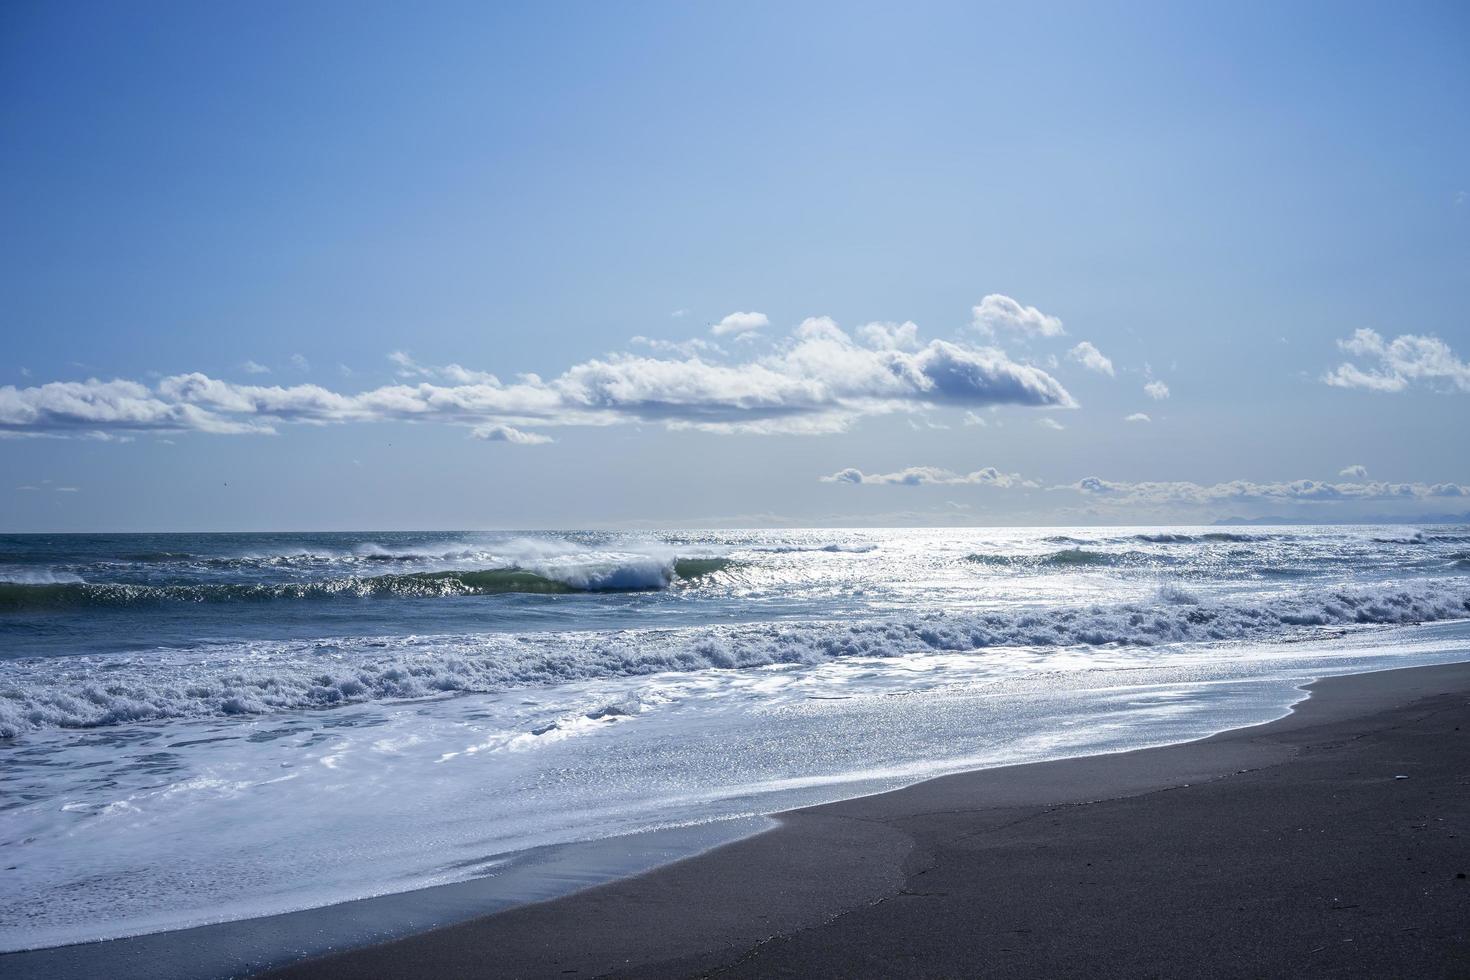 vista sul mare di una spiaggia e di un corpo d'acqua con cielo blu nuvoloso in kamchatka, russia foto